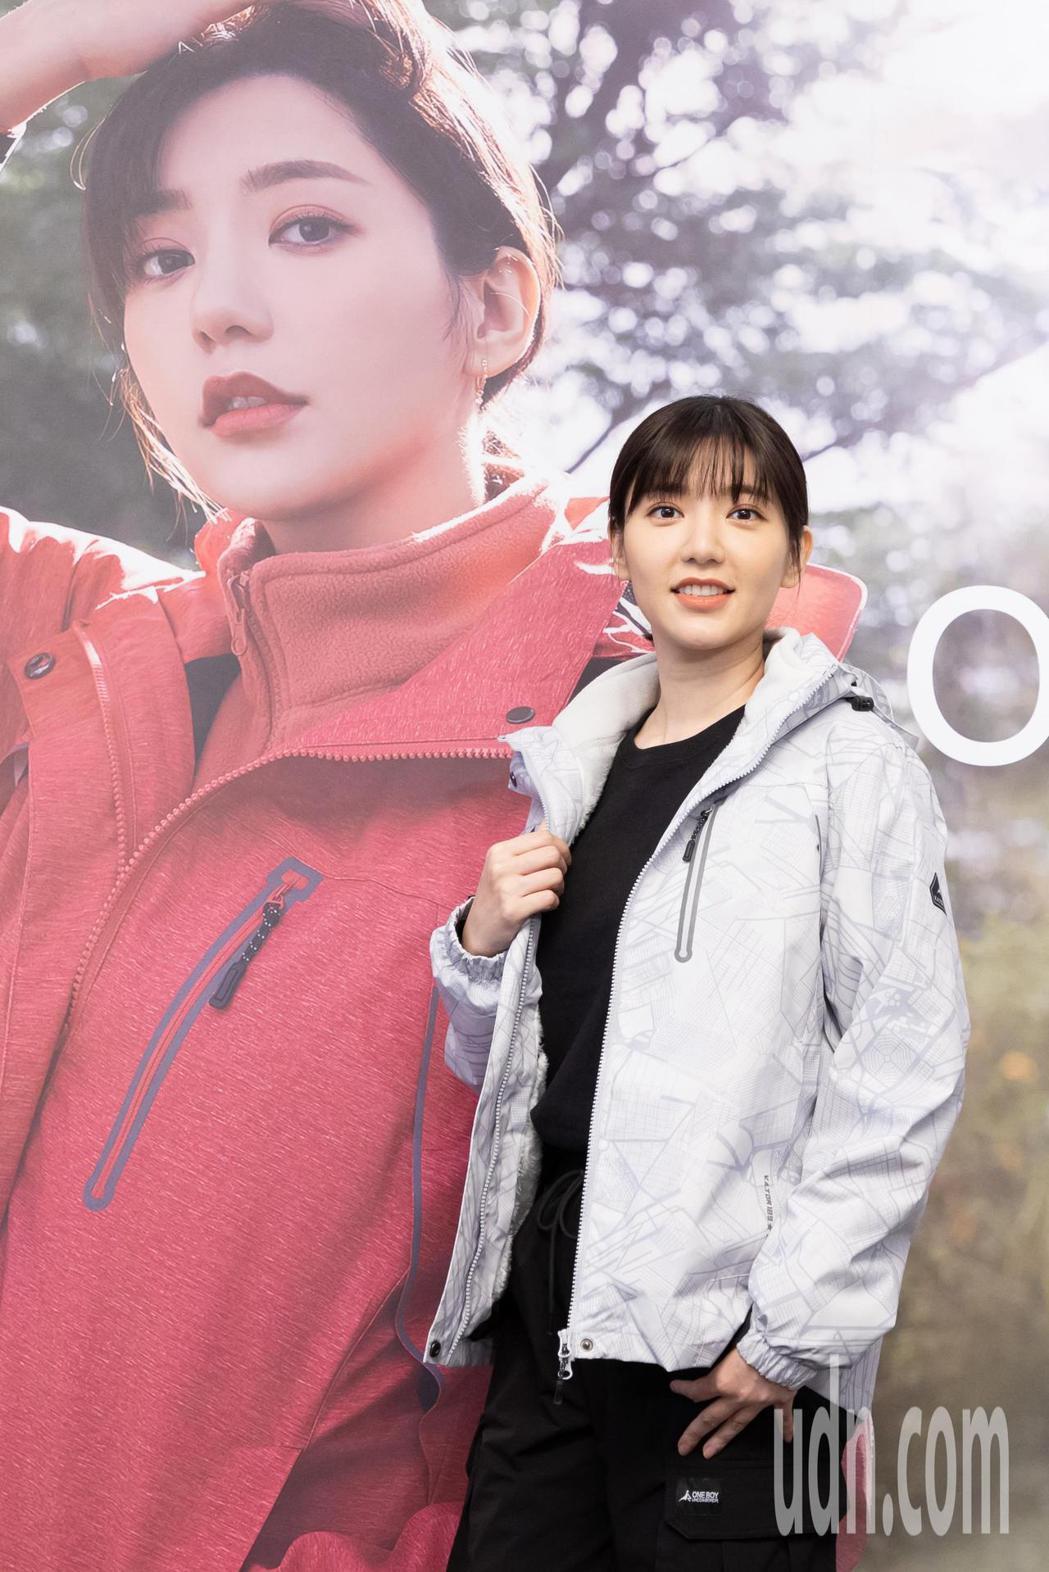 藝人郭雪芙今天出席服飾品牌一日店長活動。記者季相儒/攝影